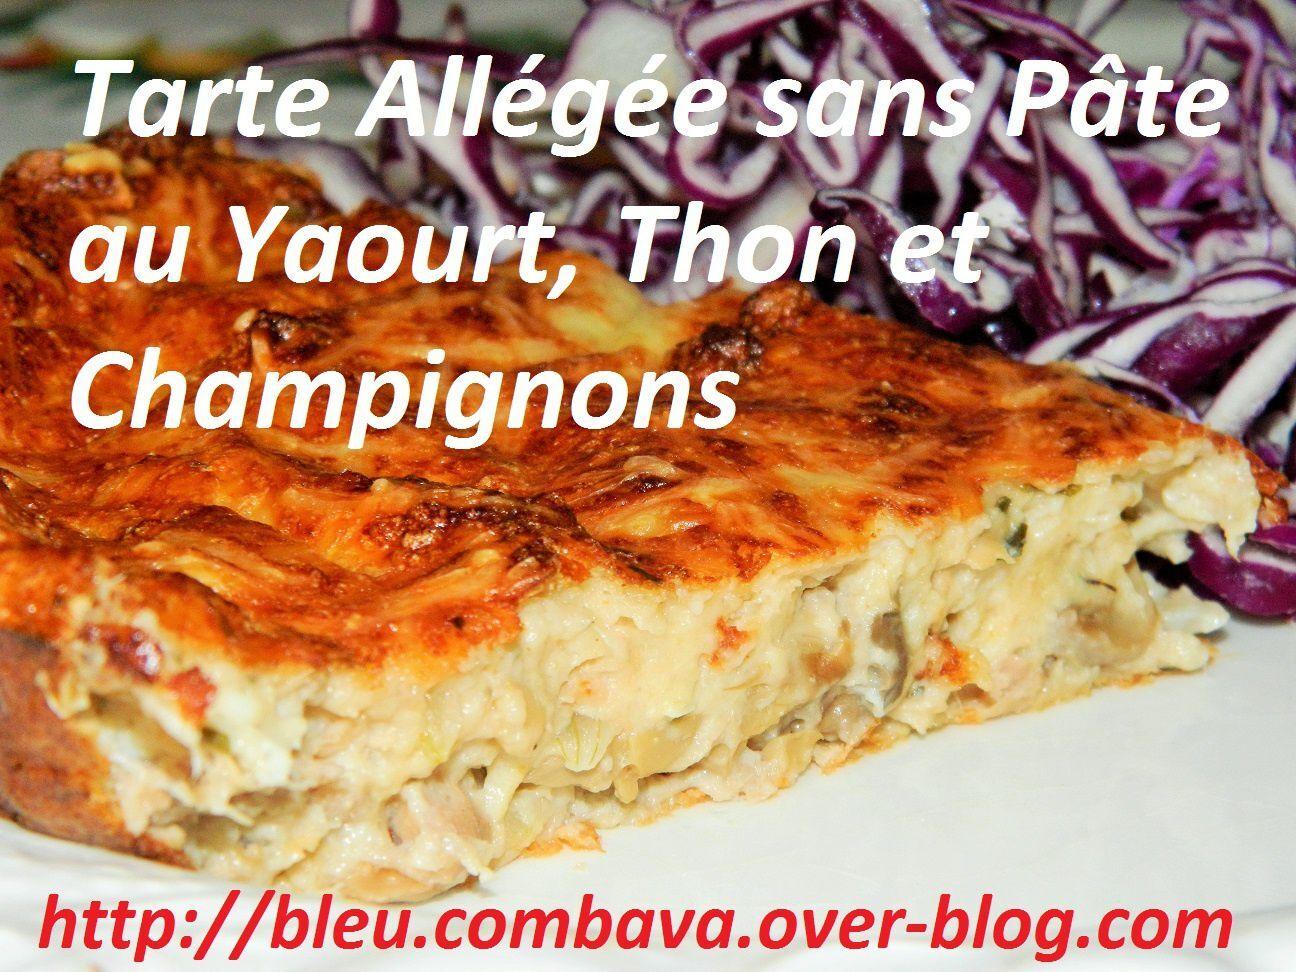 Tarte salée allégée sans pâte au yaourt,  thon et champignons